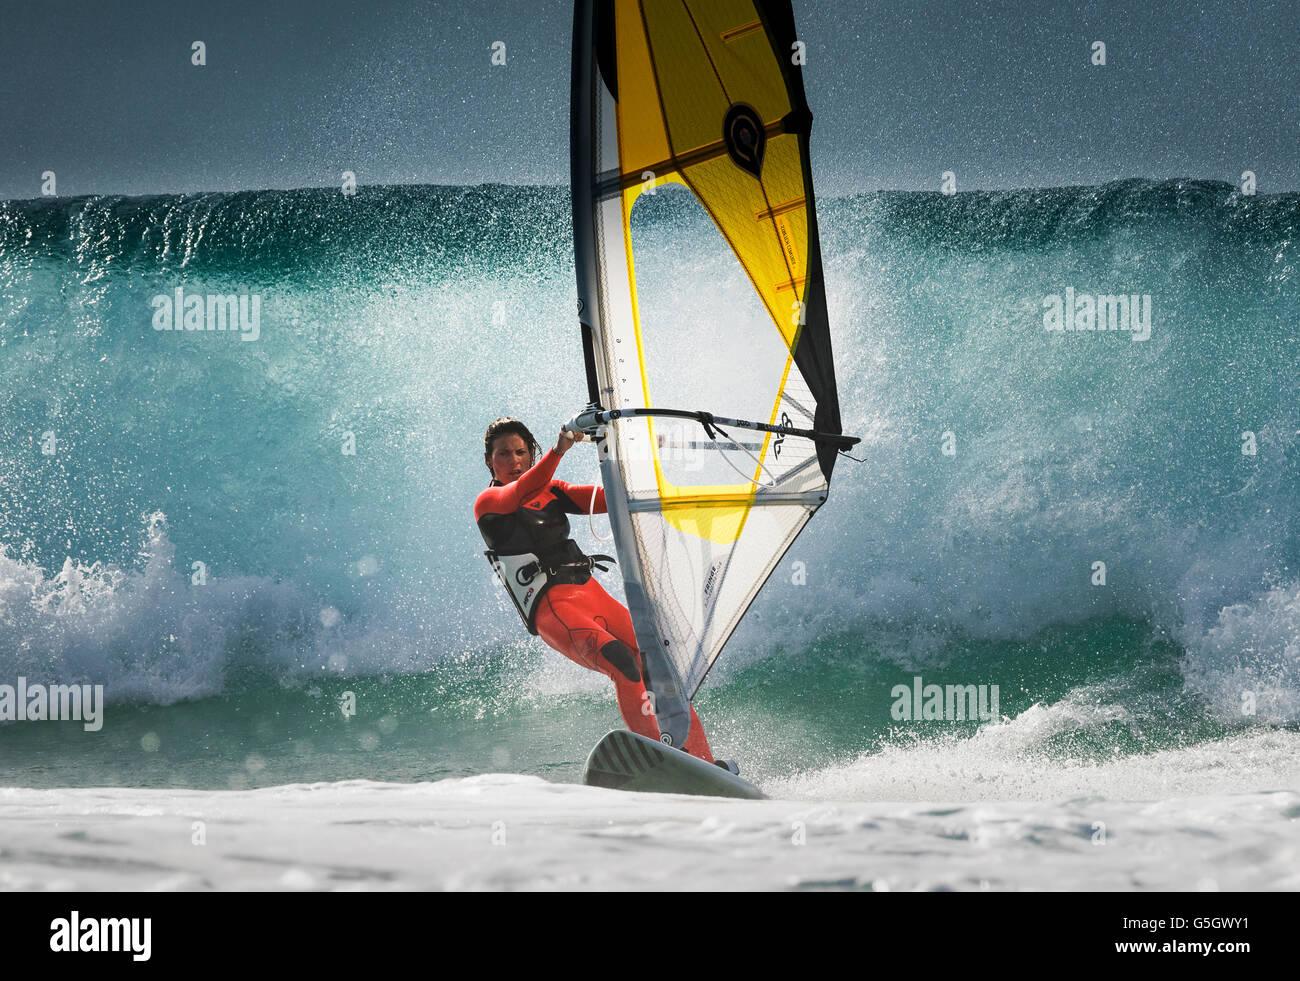 Planche à voile l'action, Tarifa, Costa de la Luz, Cadix, Andalousie, Espagne, Europe du Sud. Photo Stock